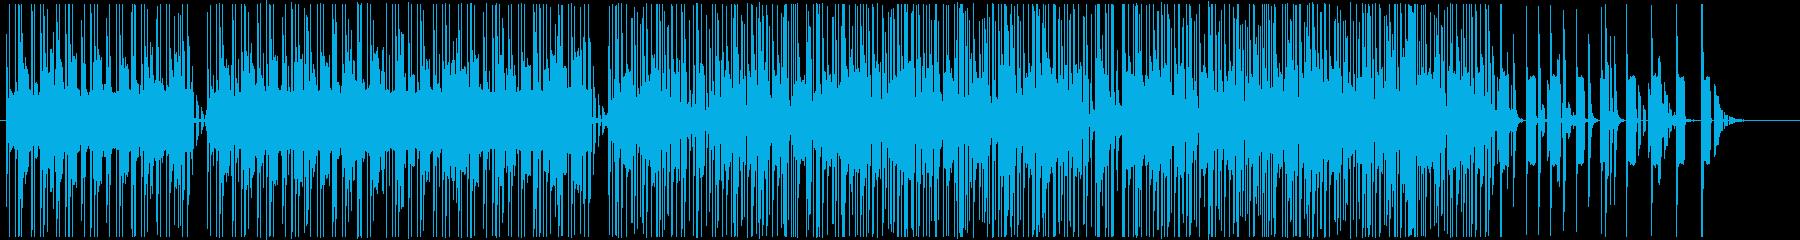 寂しげなシンセメロディーが印象的なビートの再生済みの波形